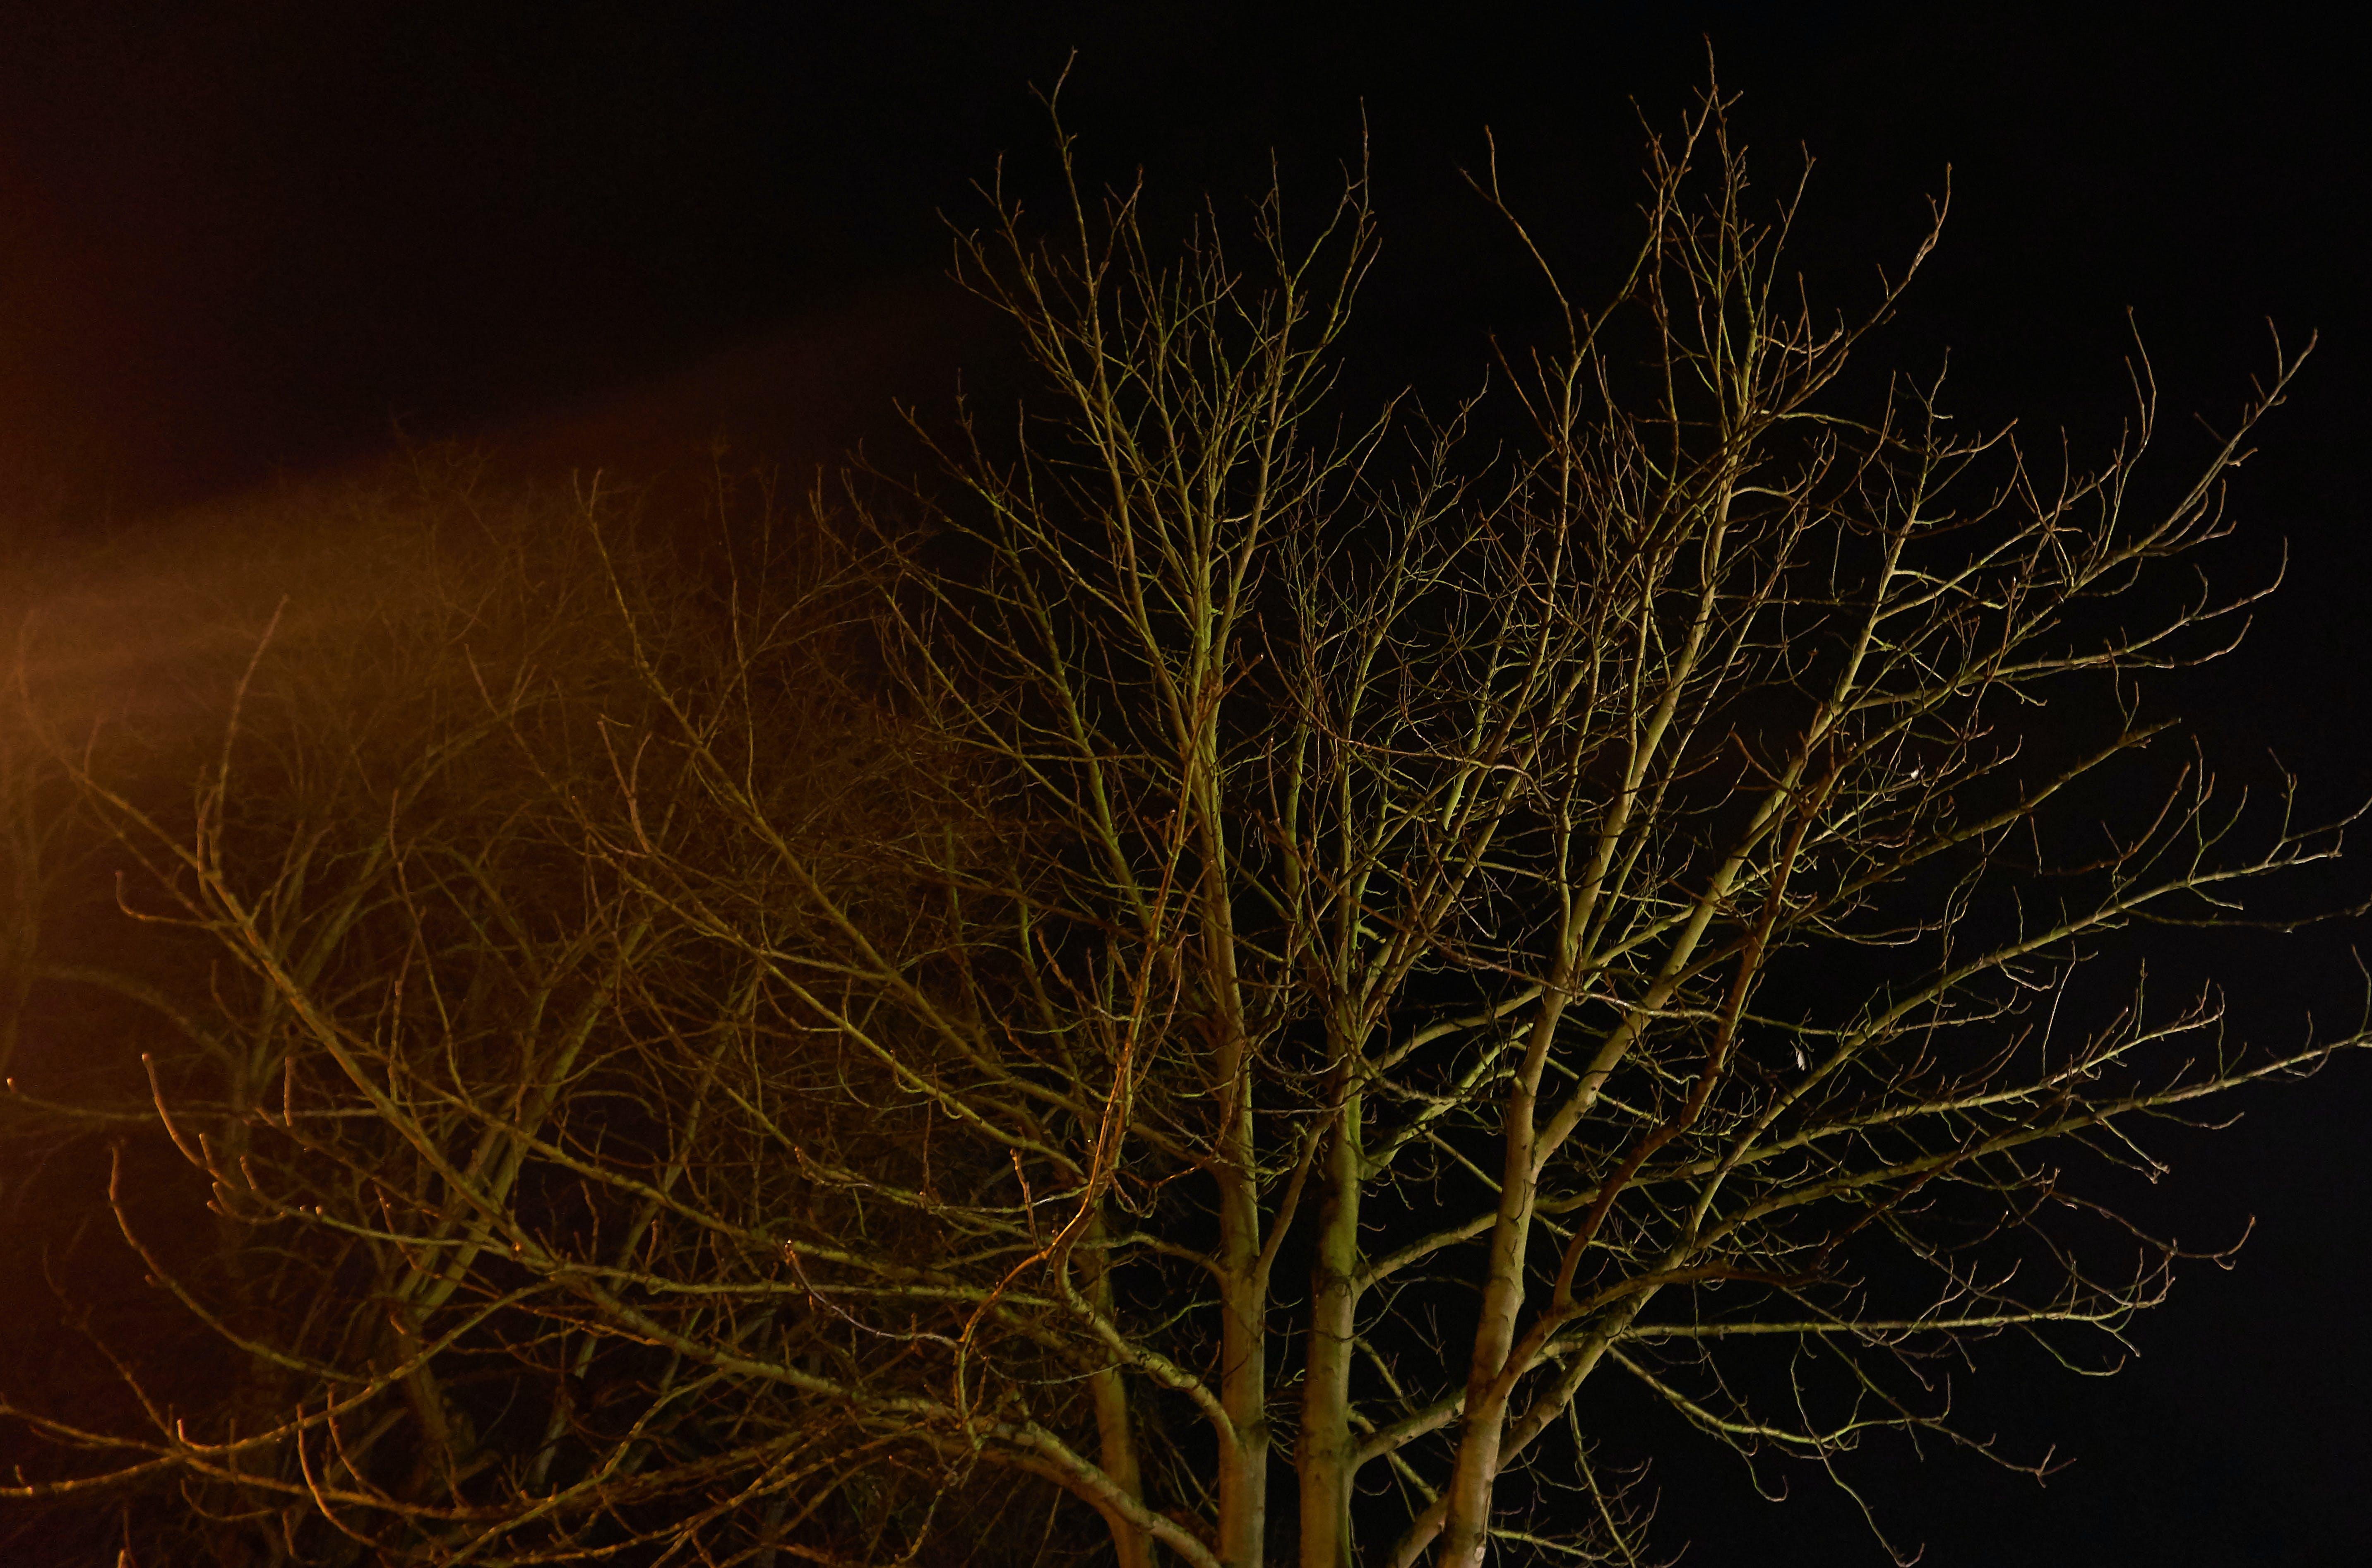 Free stock photo of exposure, night-sky, tree, winter